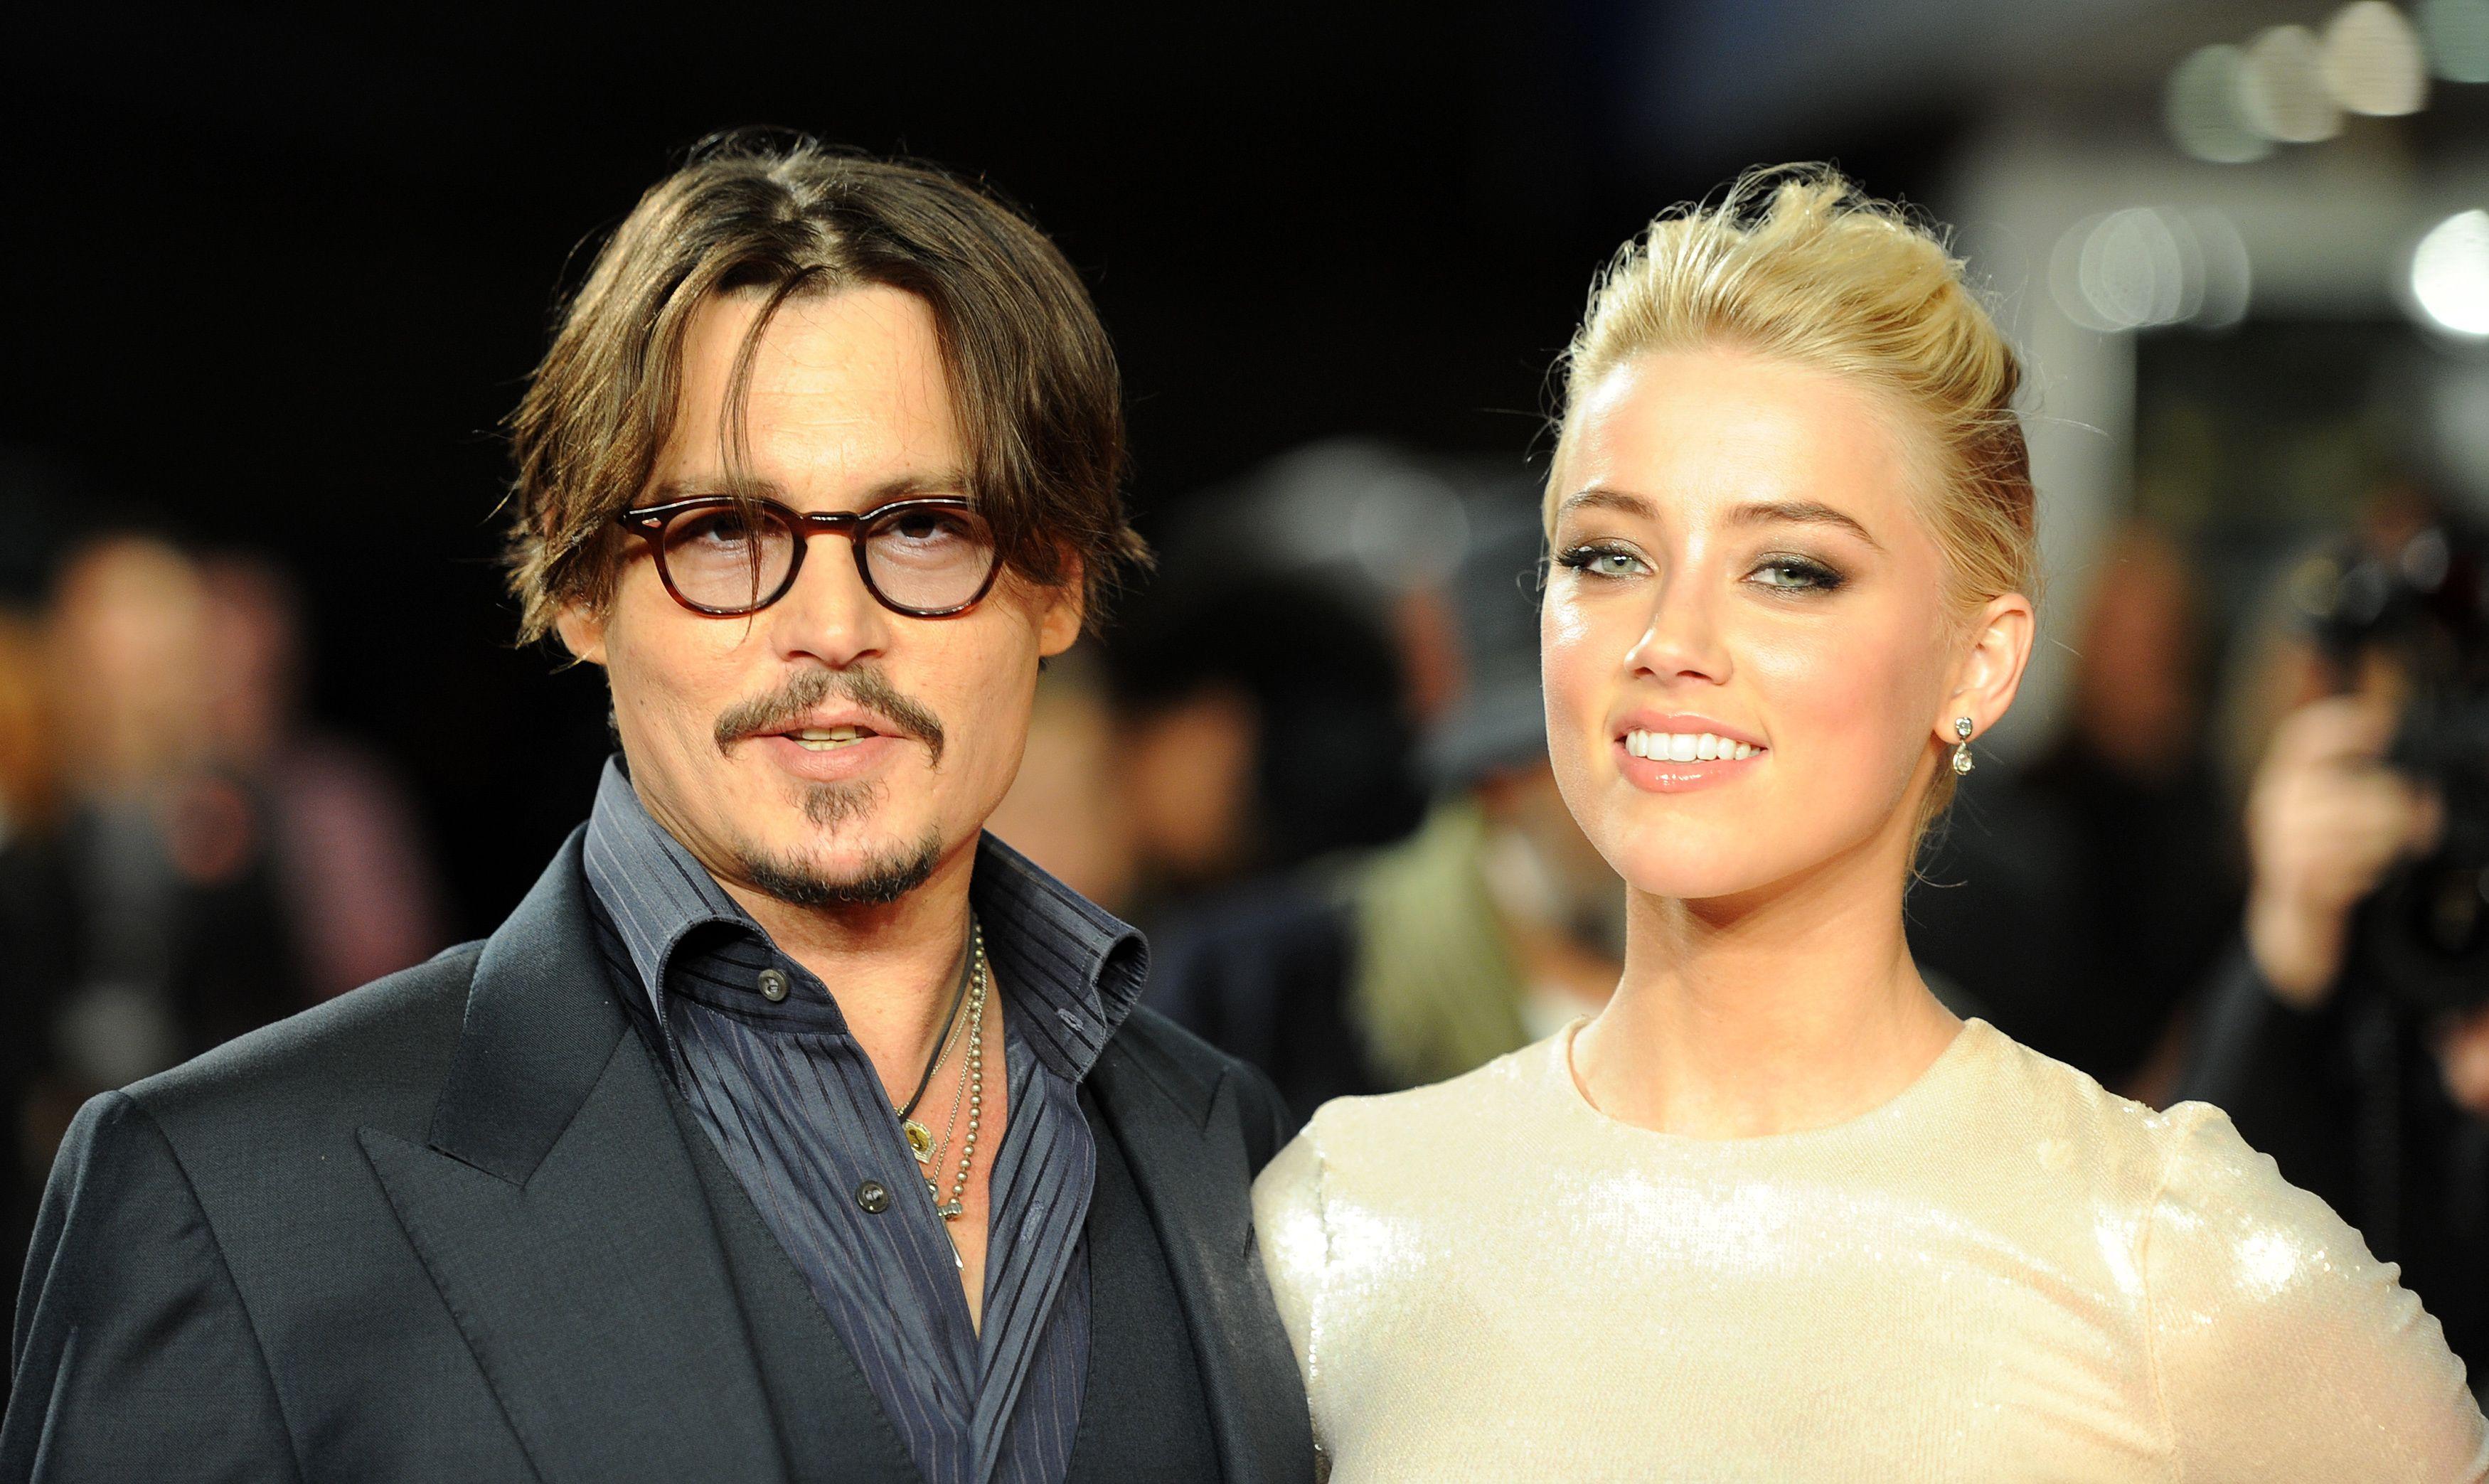 Johnny Depp refuse de verser l'argent du divorce à Amber Heard, cette dernière le renvoie au tribunal